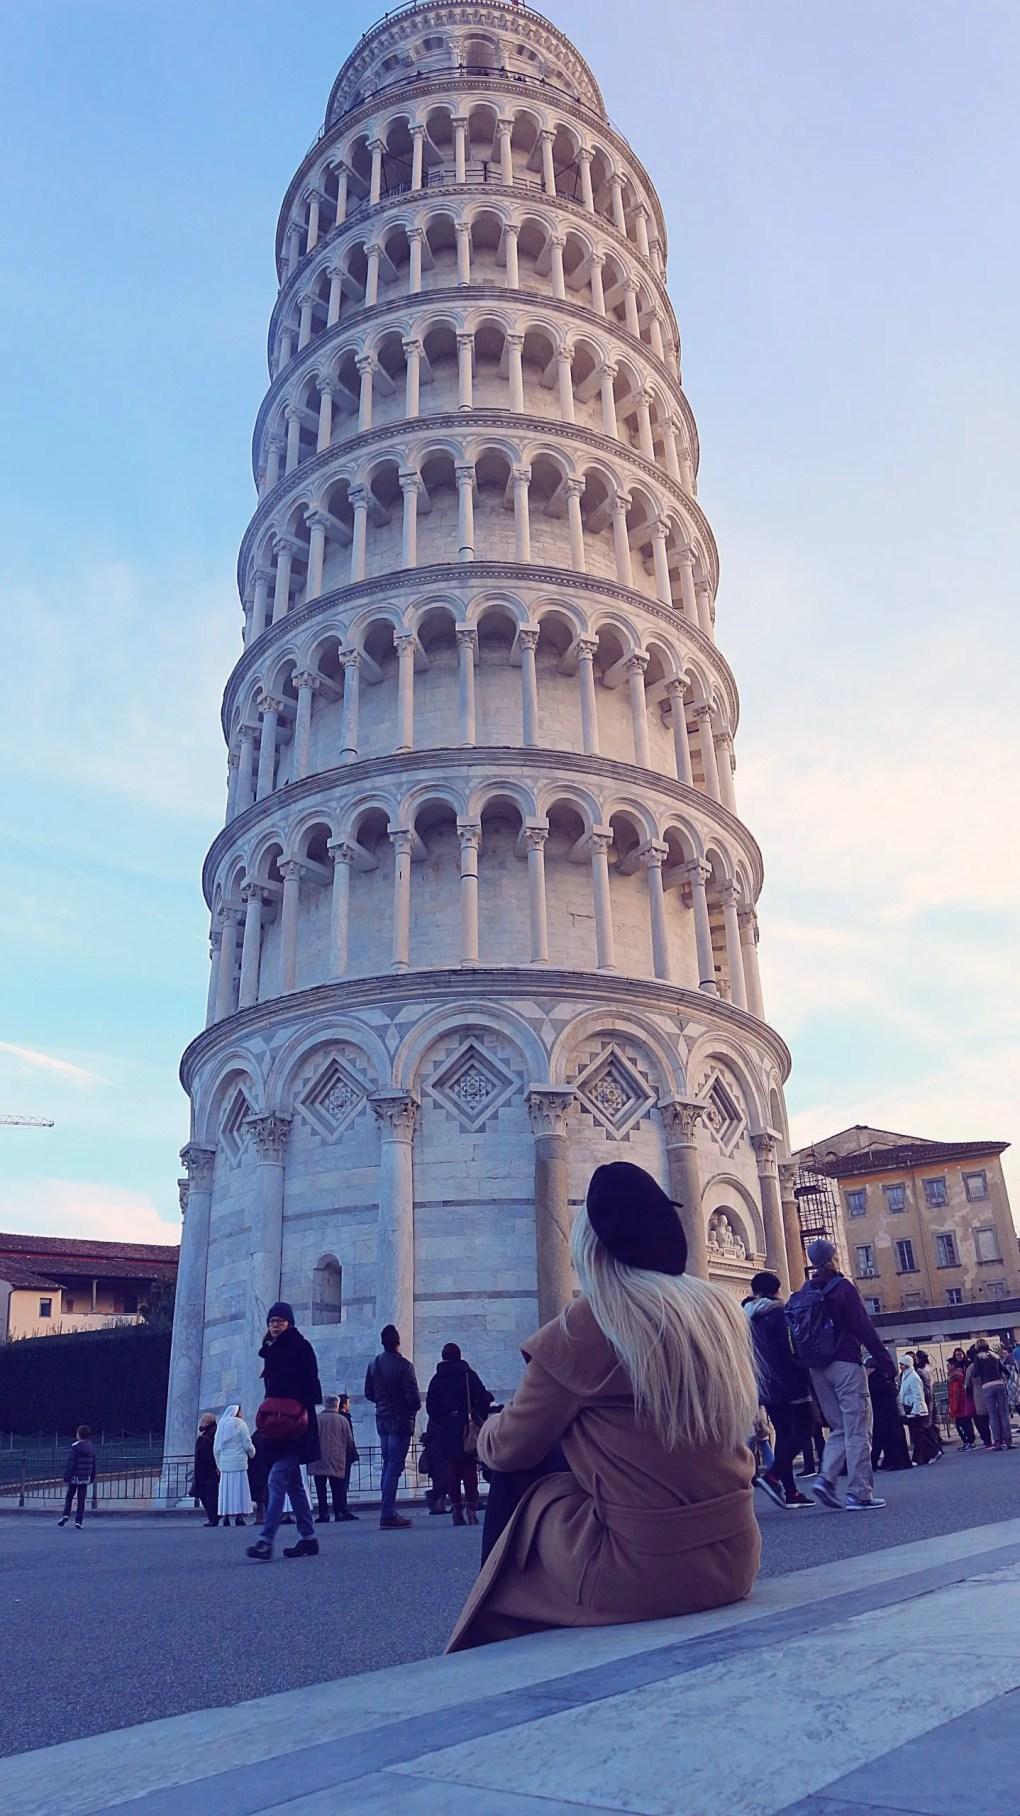 Toren van Pisa, Italië